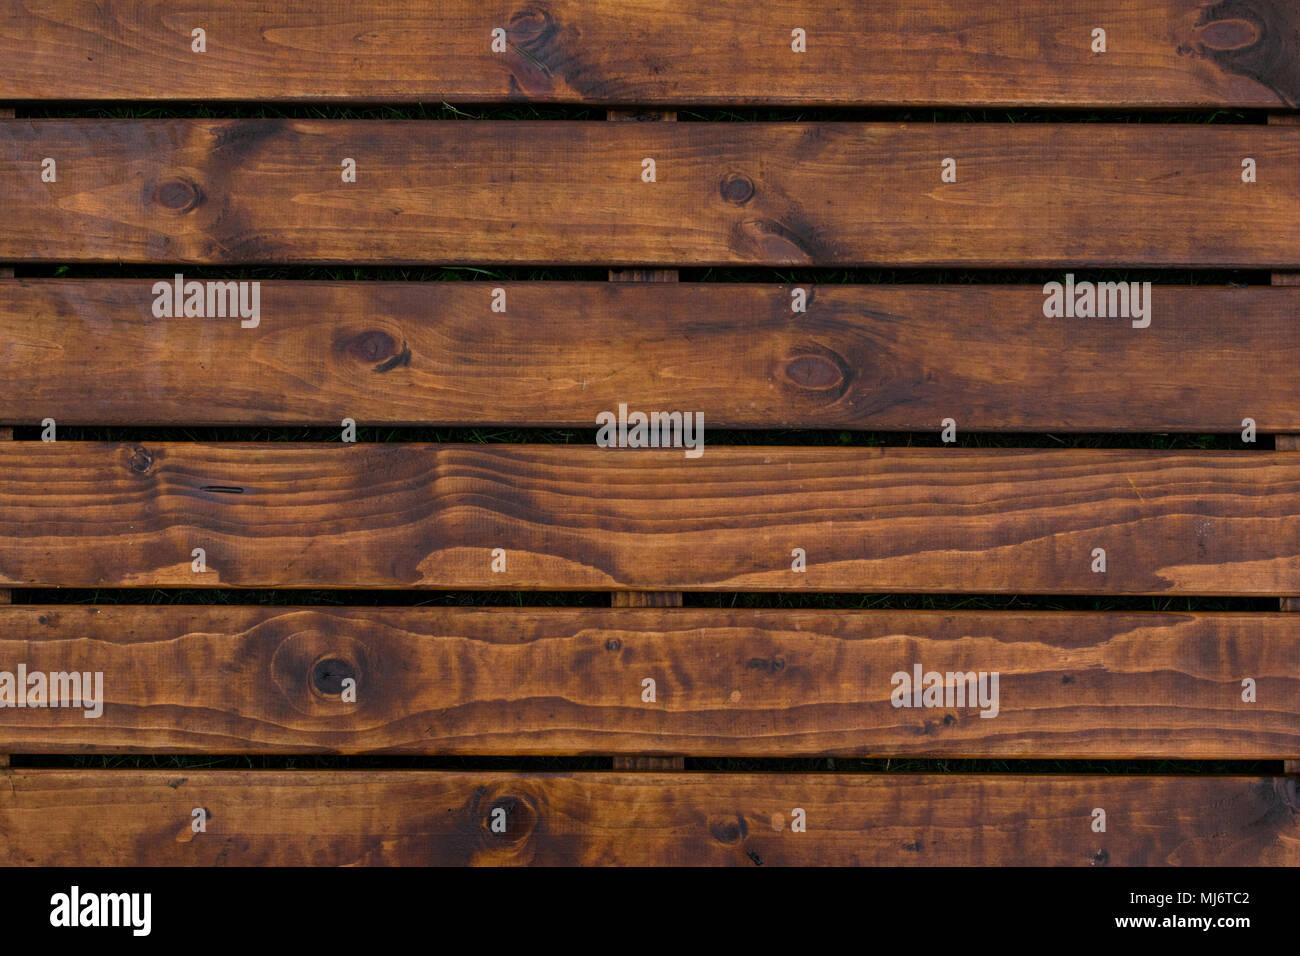 Naturale degli interni in legno con pannelli a muro la texture di